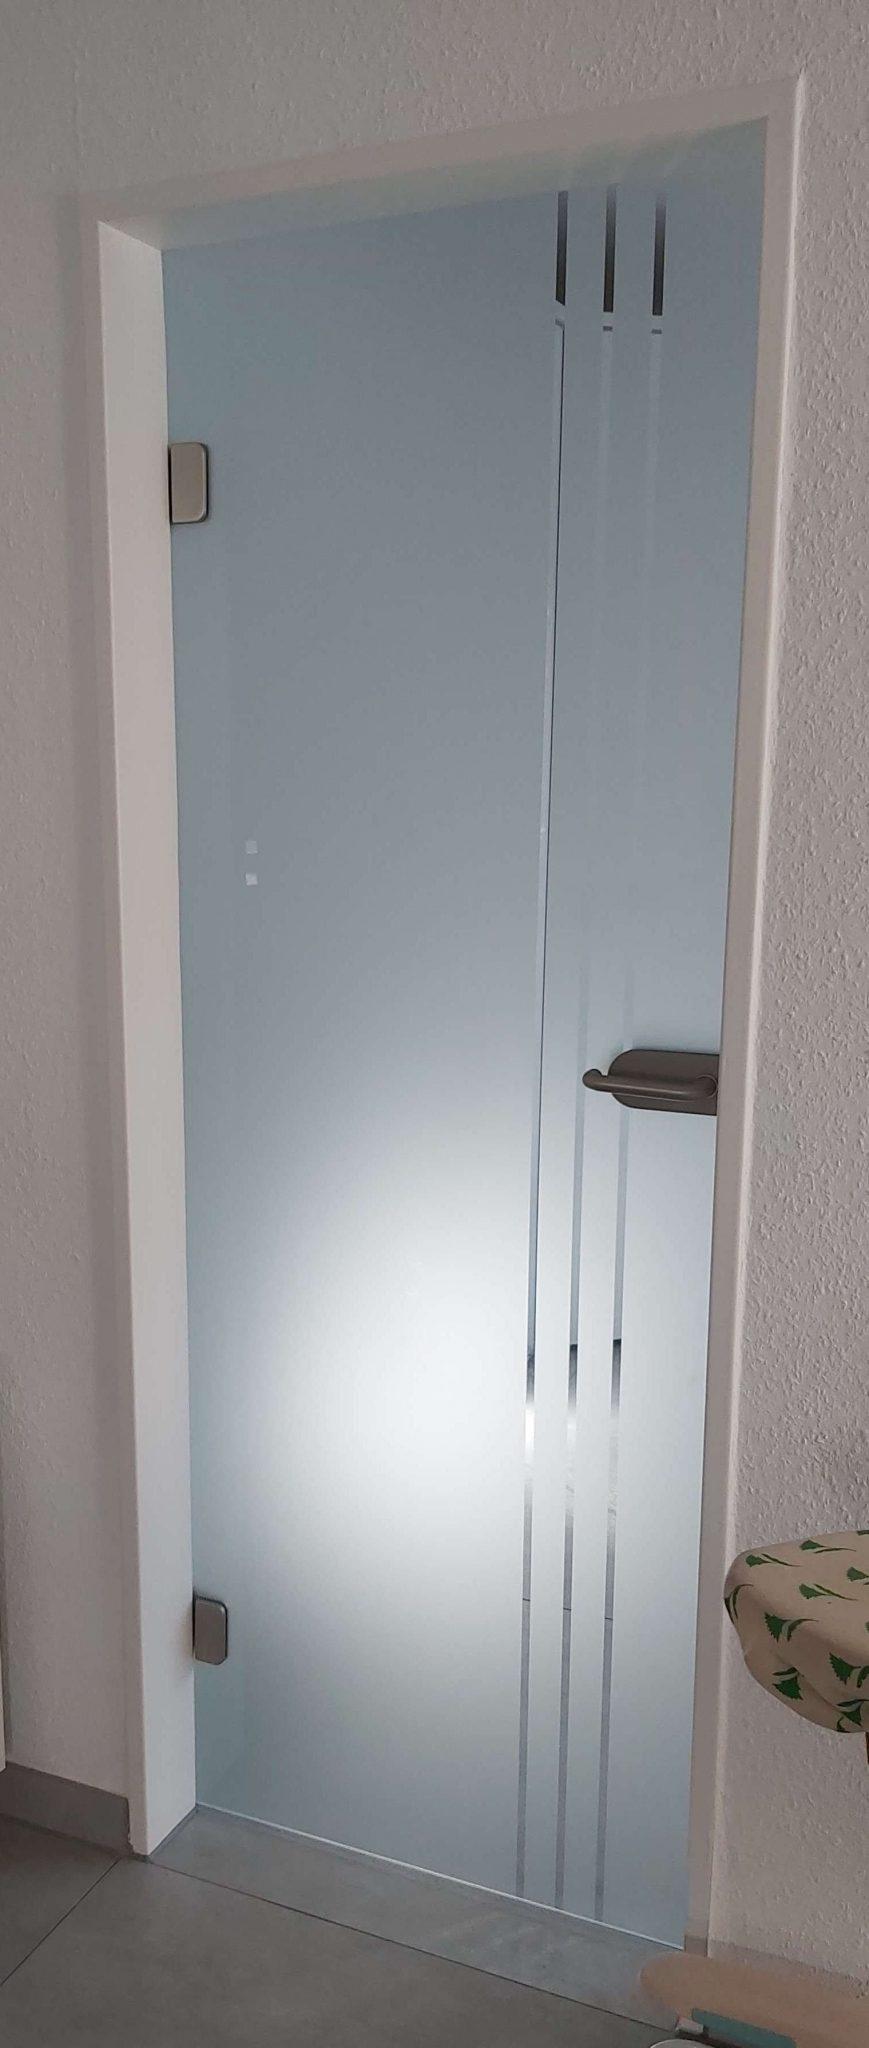 Glastür matt mit klaren Streifen